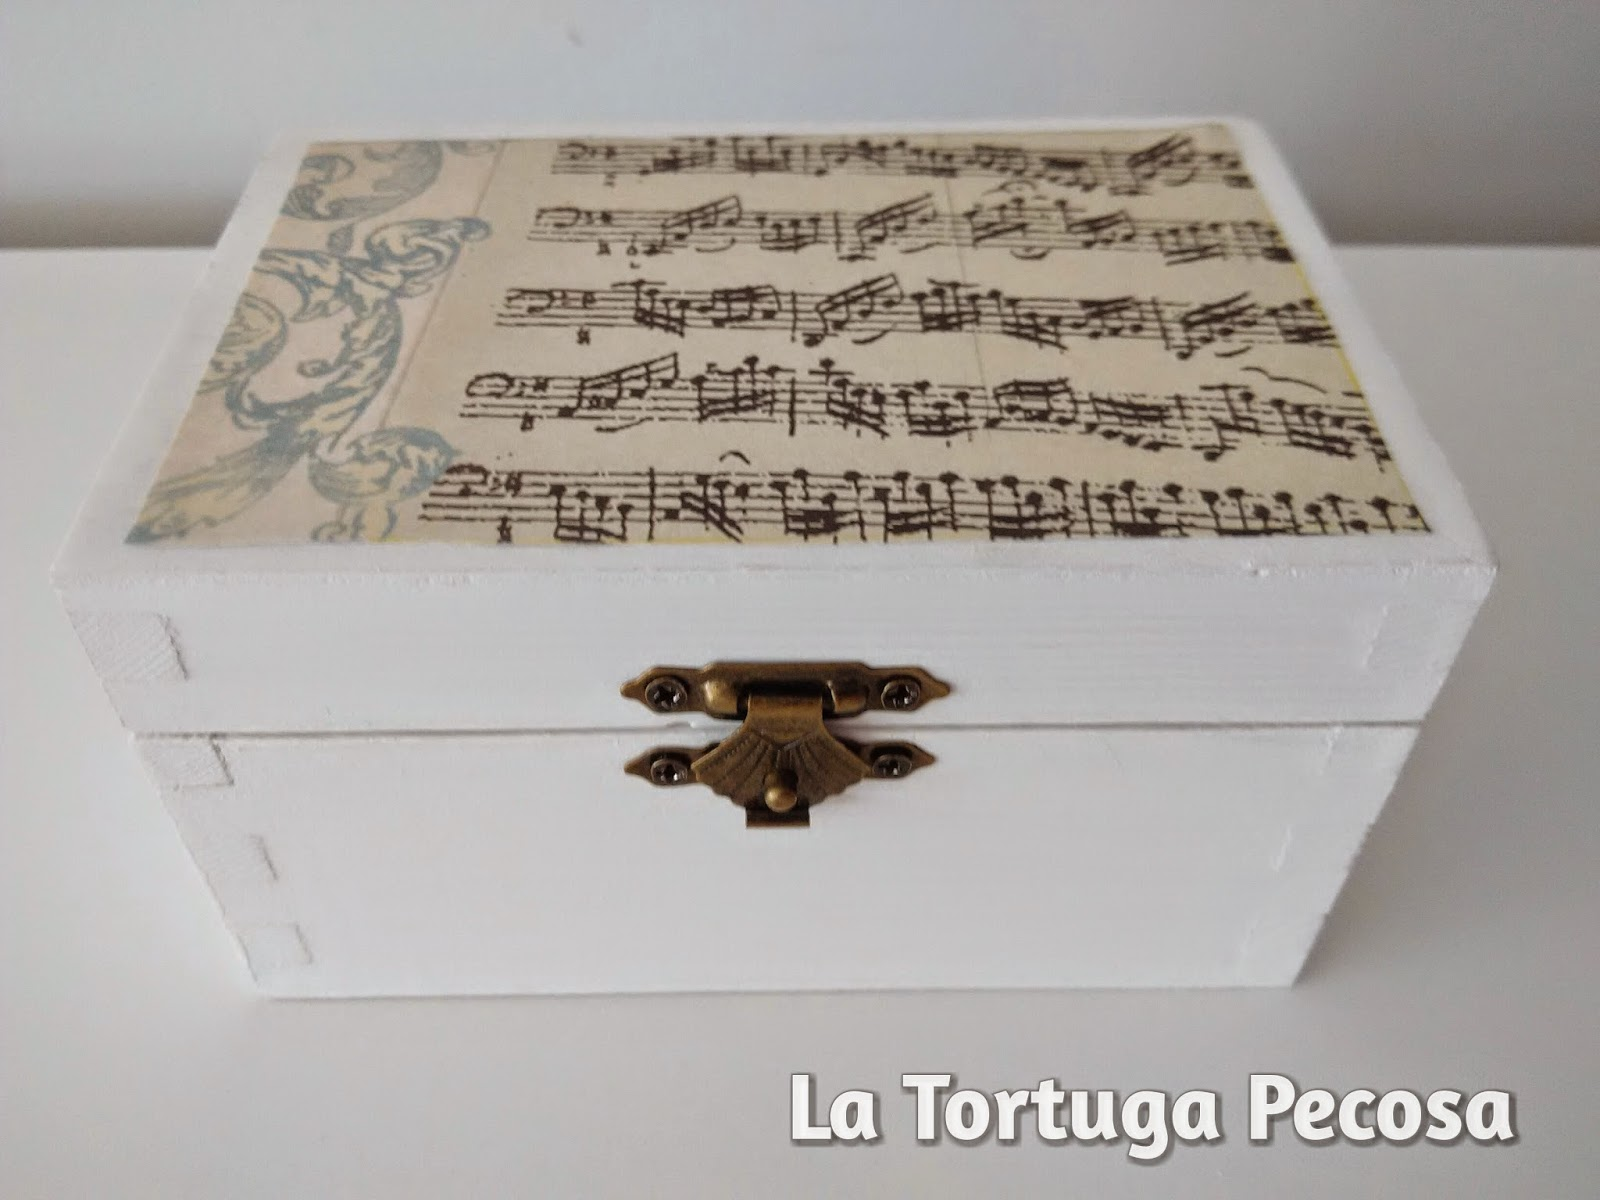 47670c026 Cajita de madera pintada en blanco y decorada con papel decoupage en  motivos musicales, queda muy fina una vez acabada, espero que os guste!